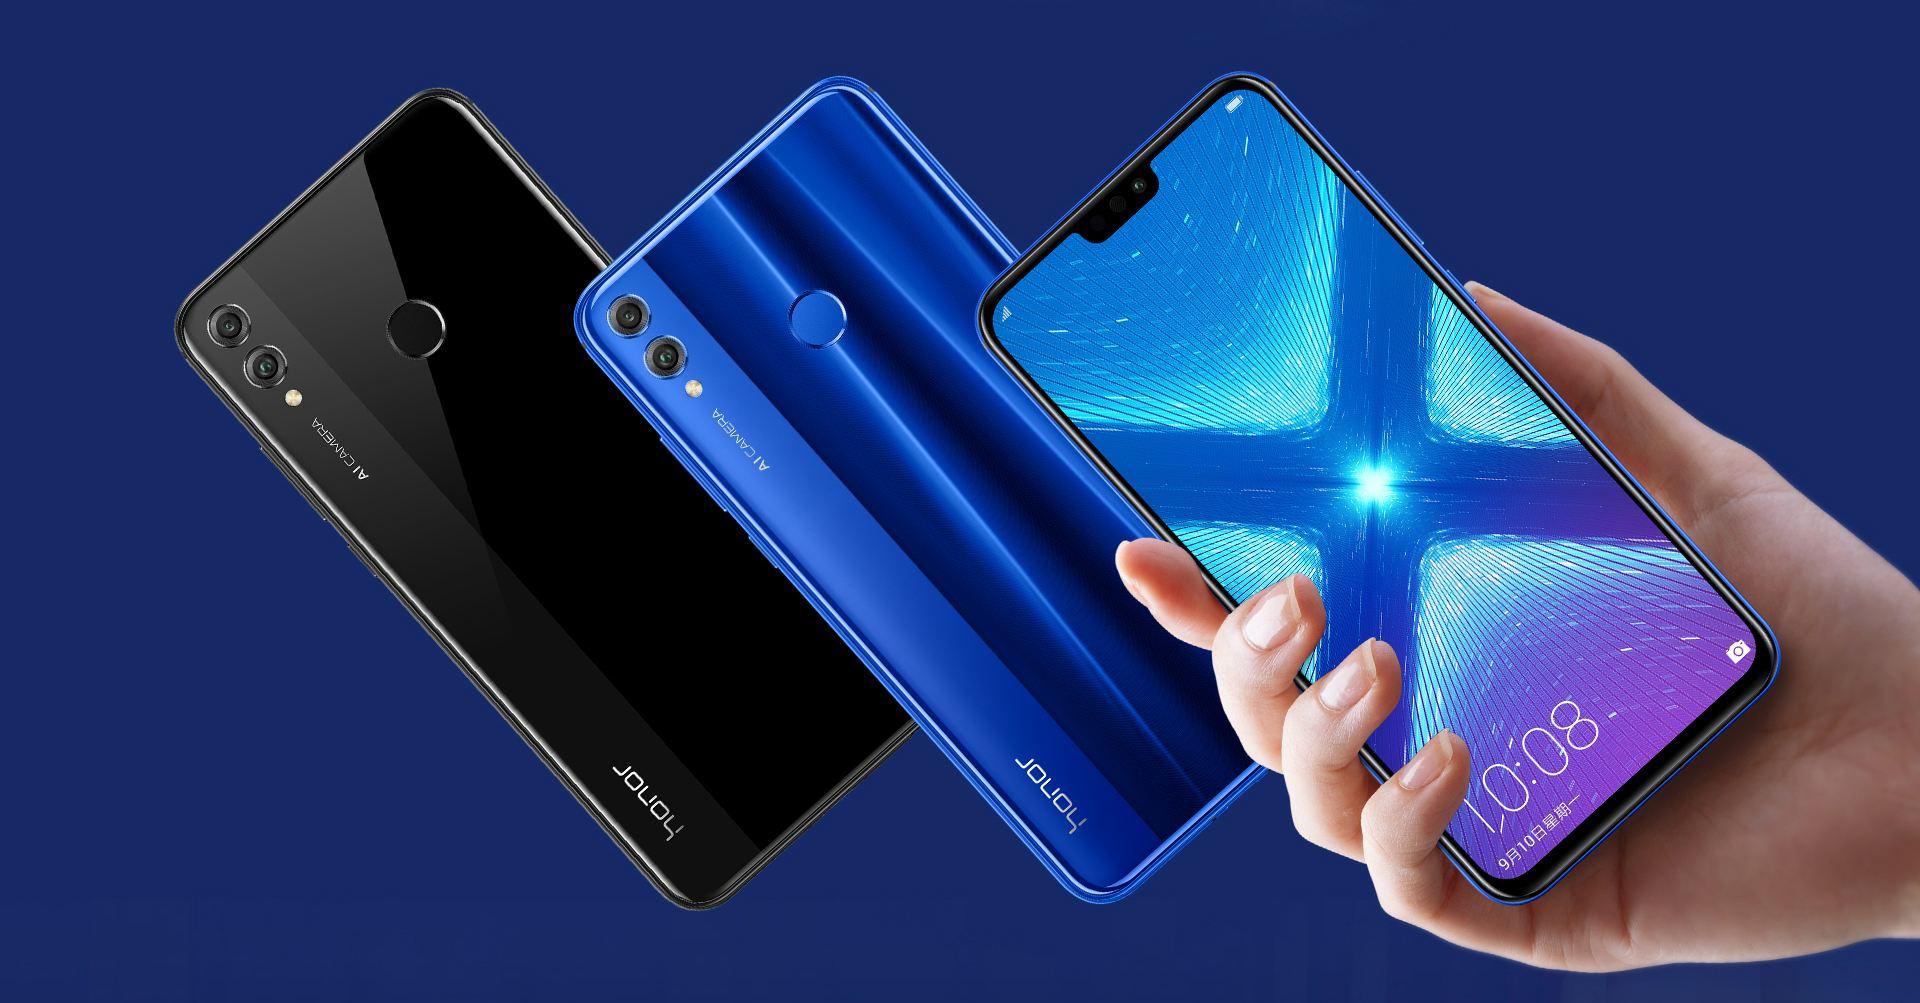 荣耀v40手机什么配置?荣耀v40会搭载什么芯片?